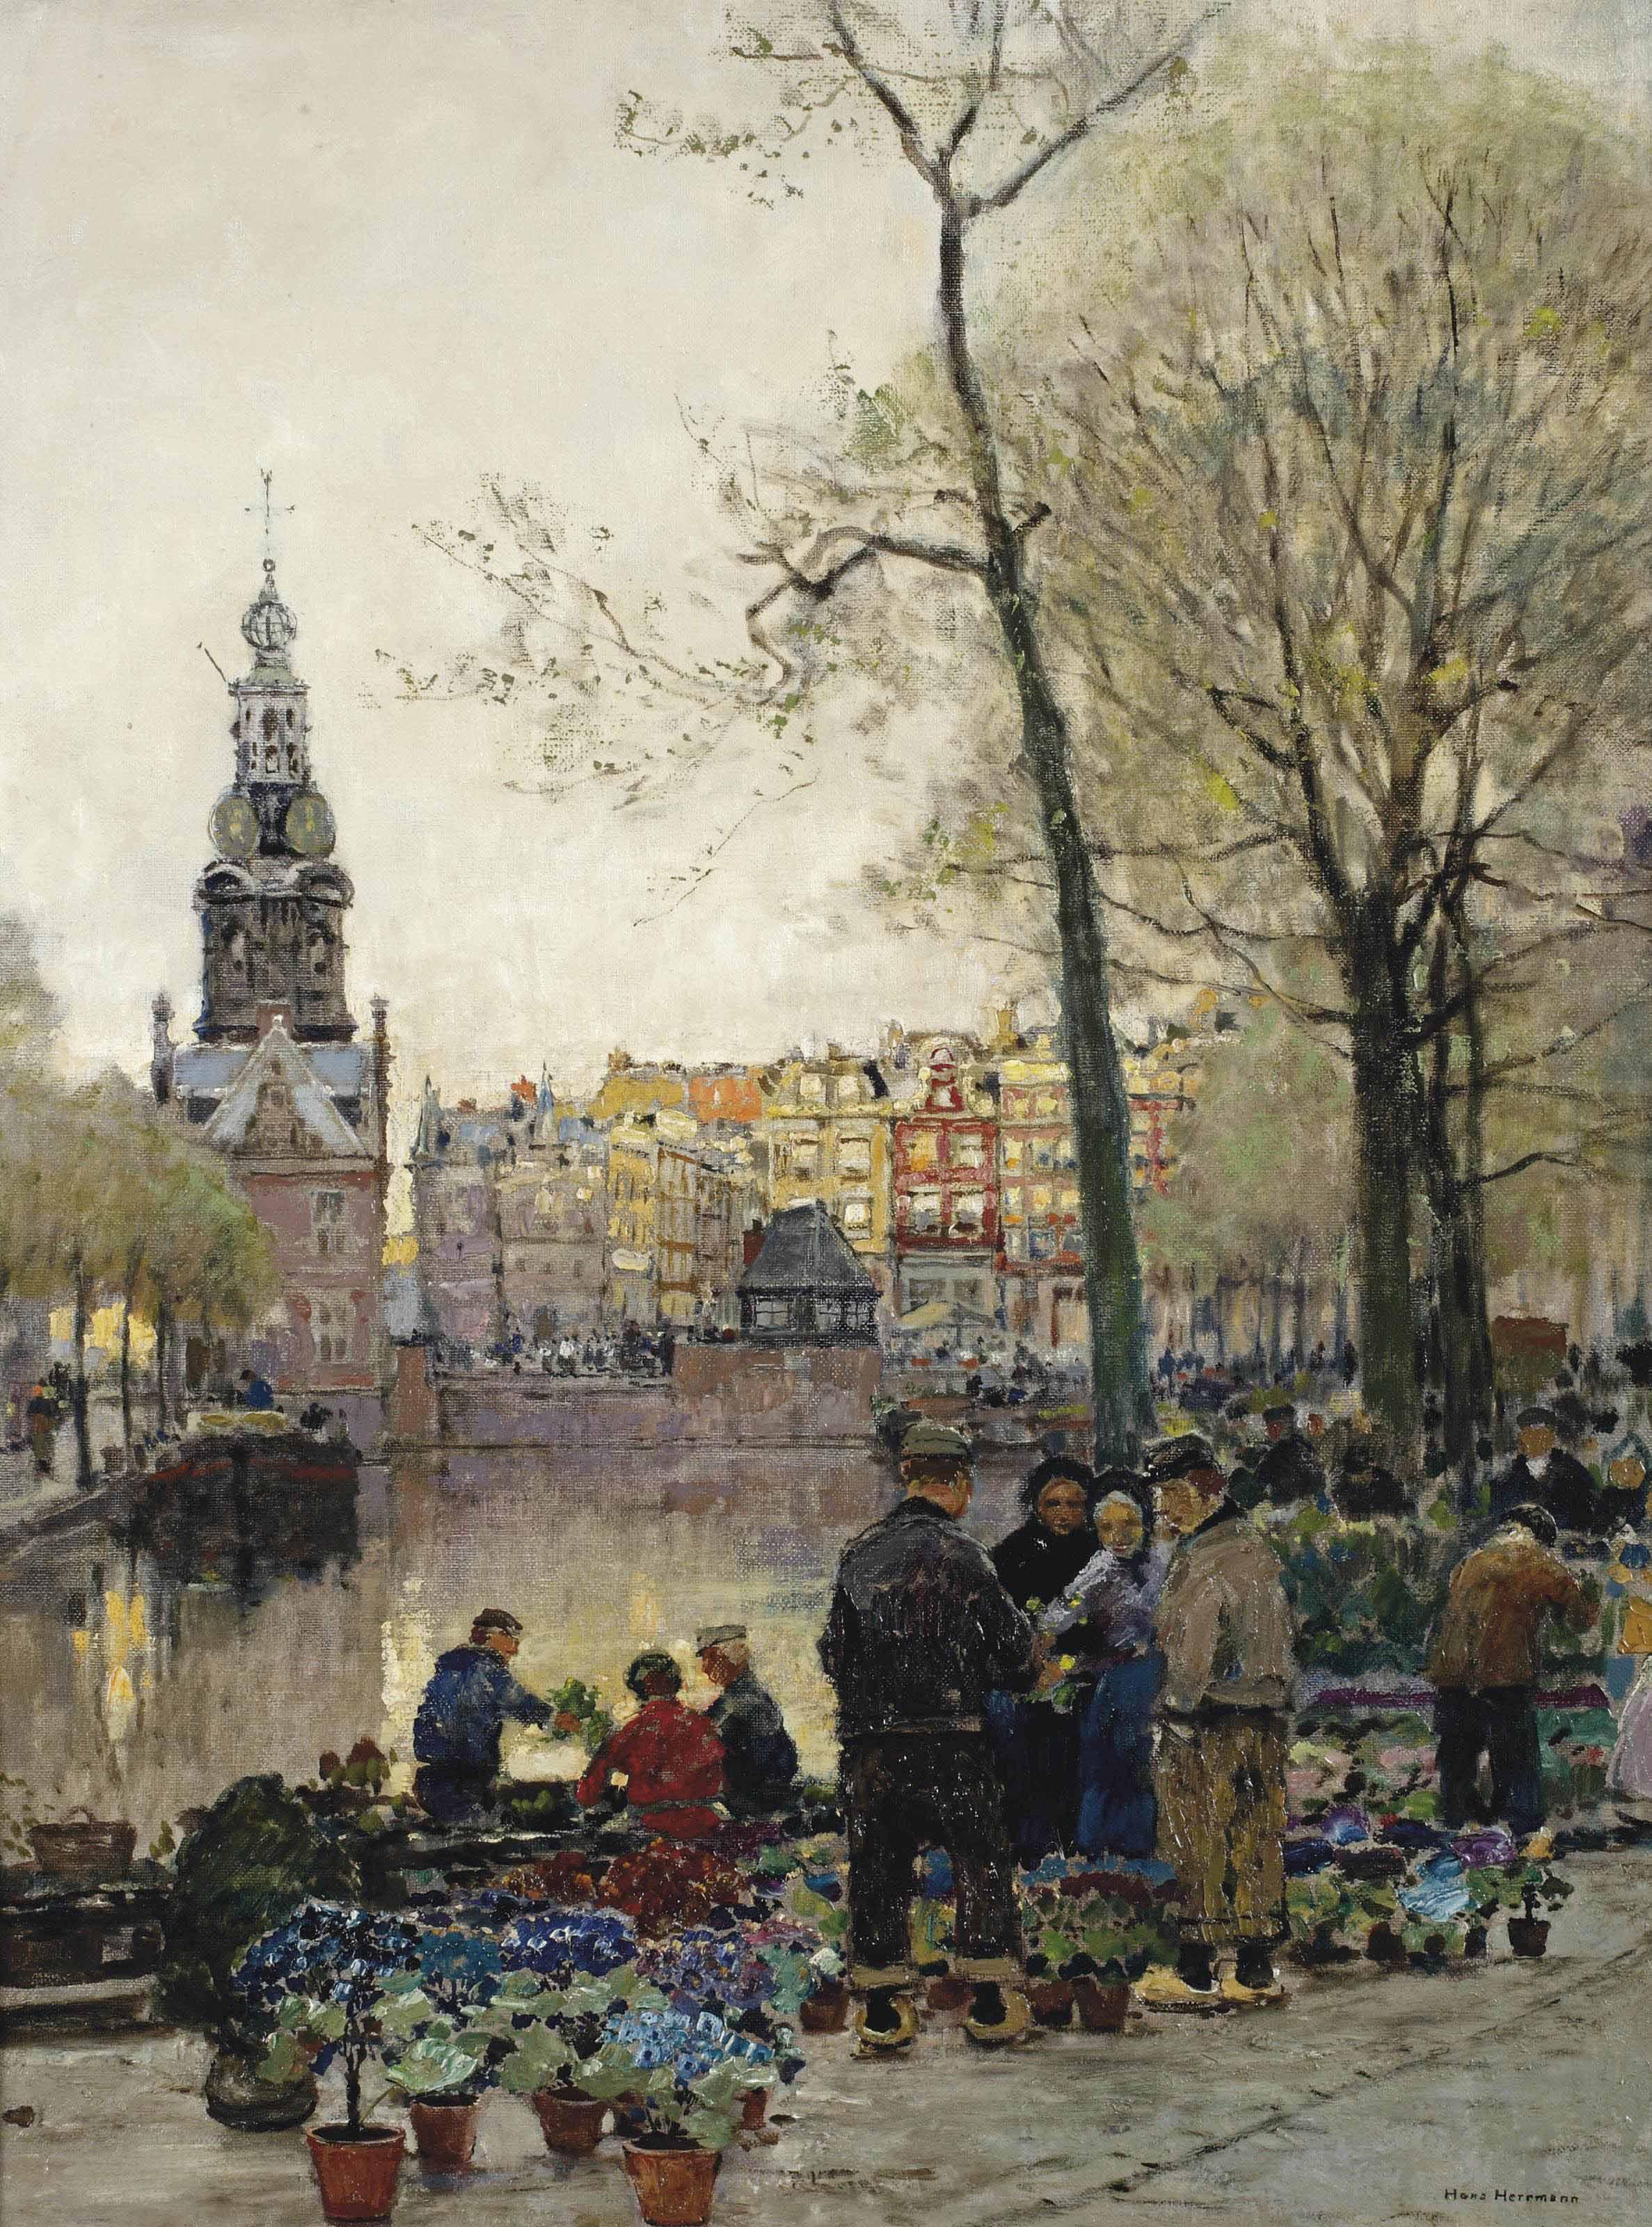 Flowermarket in Amsterdam, the Munt beyond